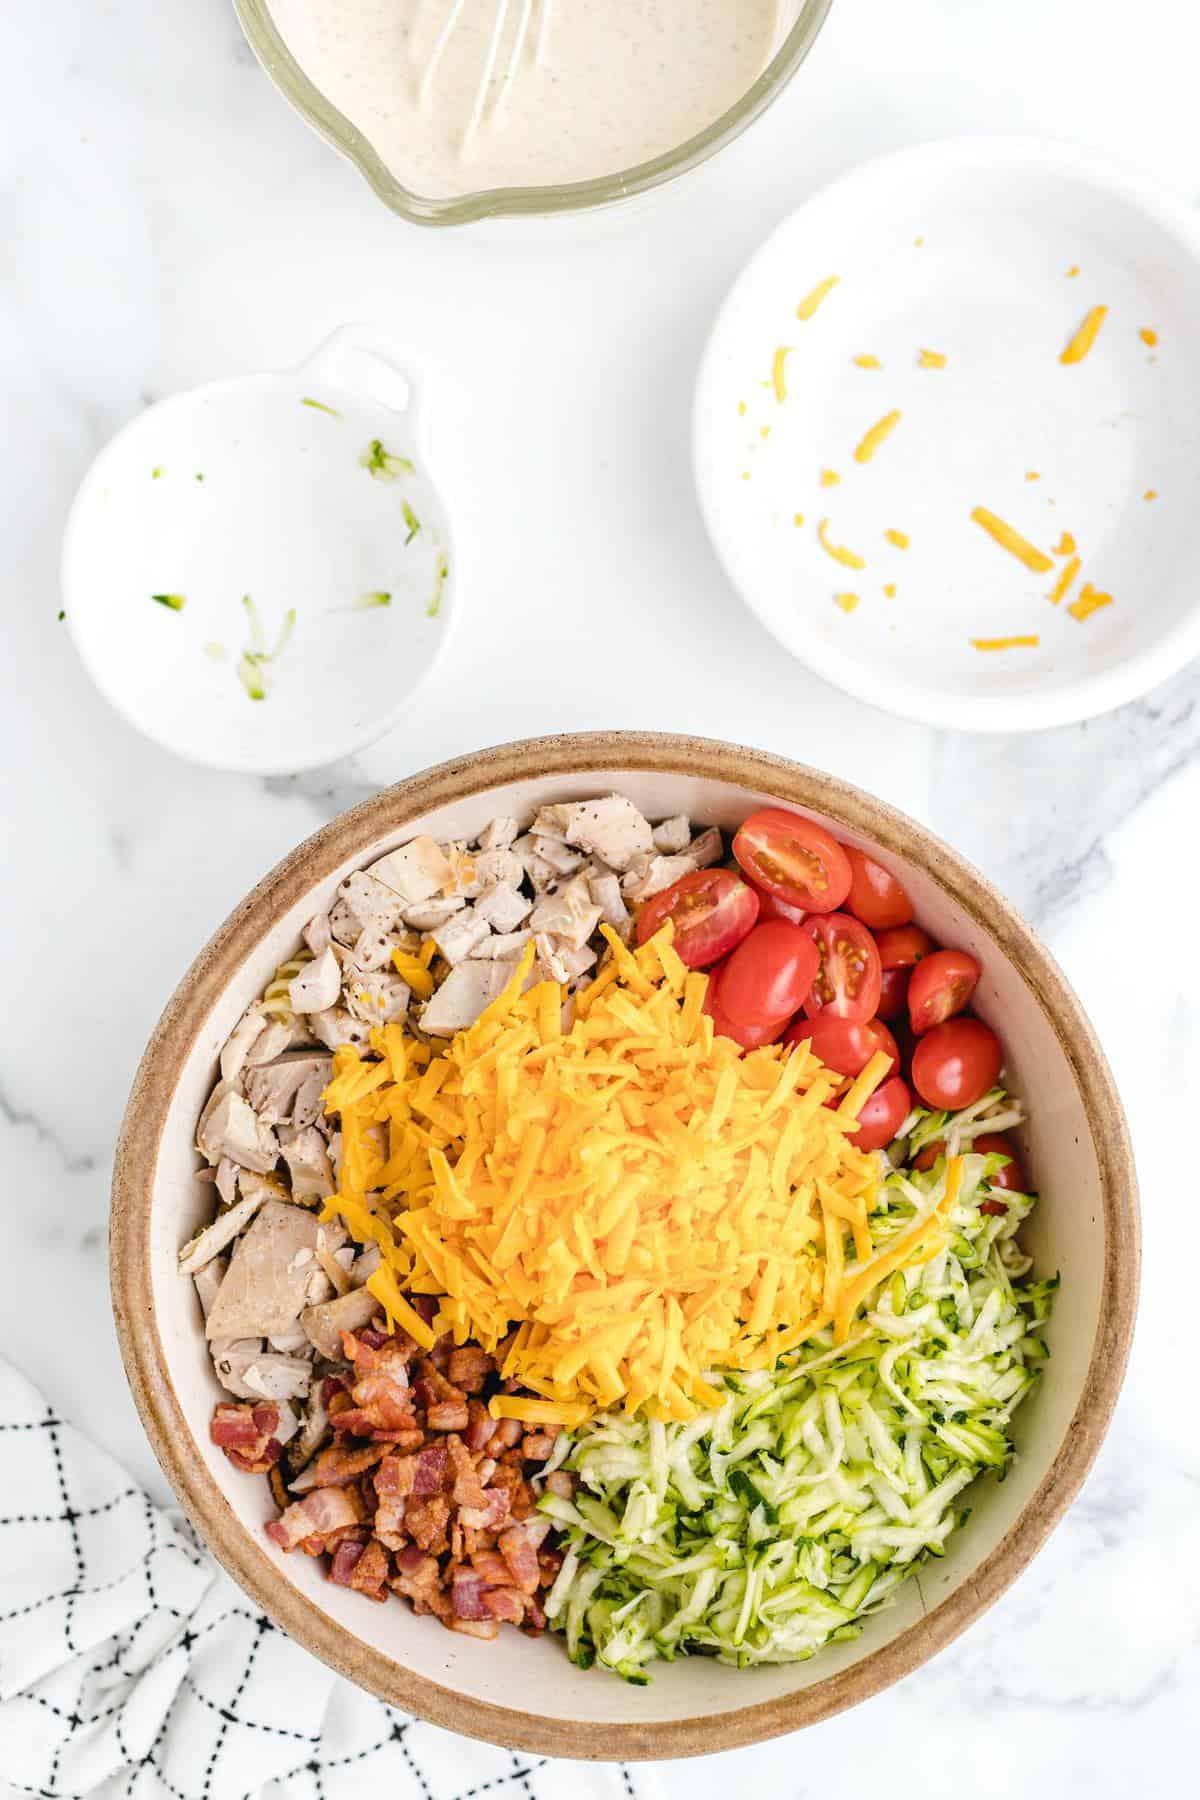 Add the shredded cheddar and shredded zucchini into the bowl